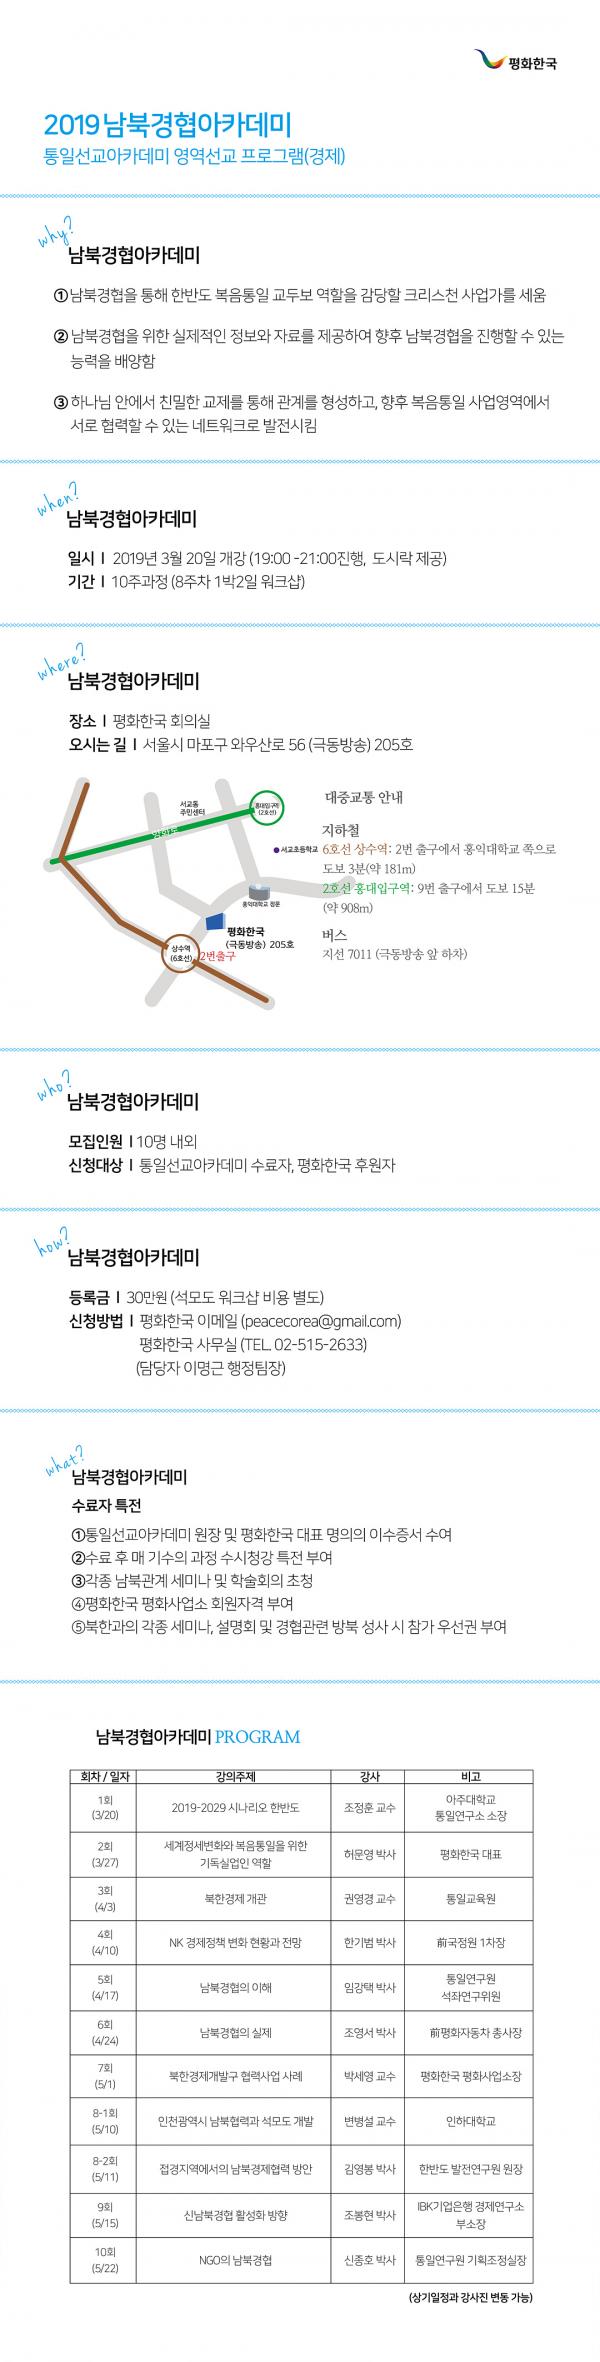 2019 제1회 남북경협아카데미